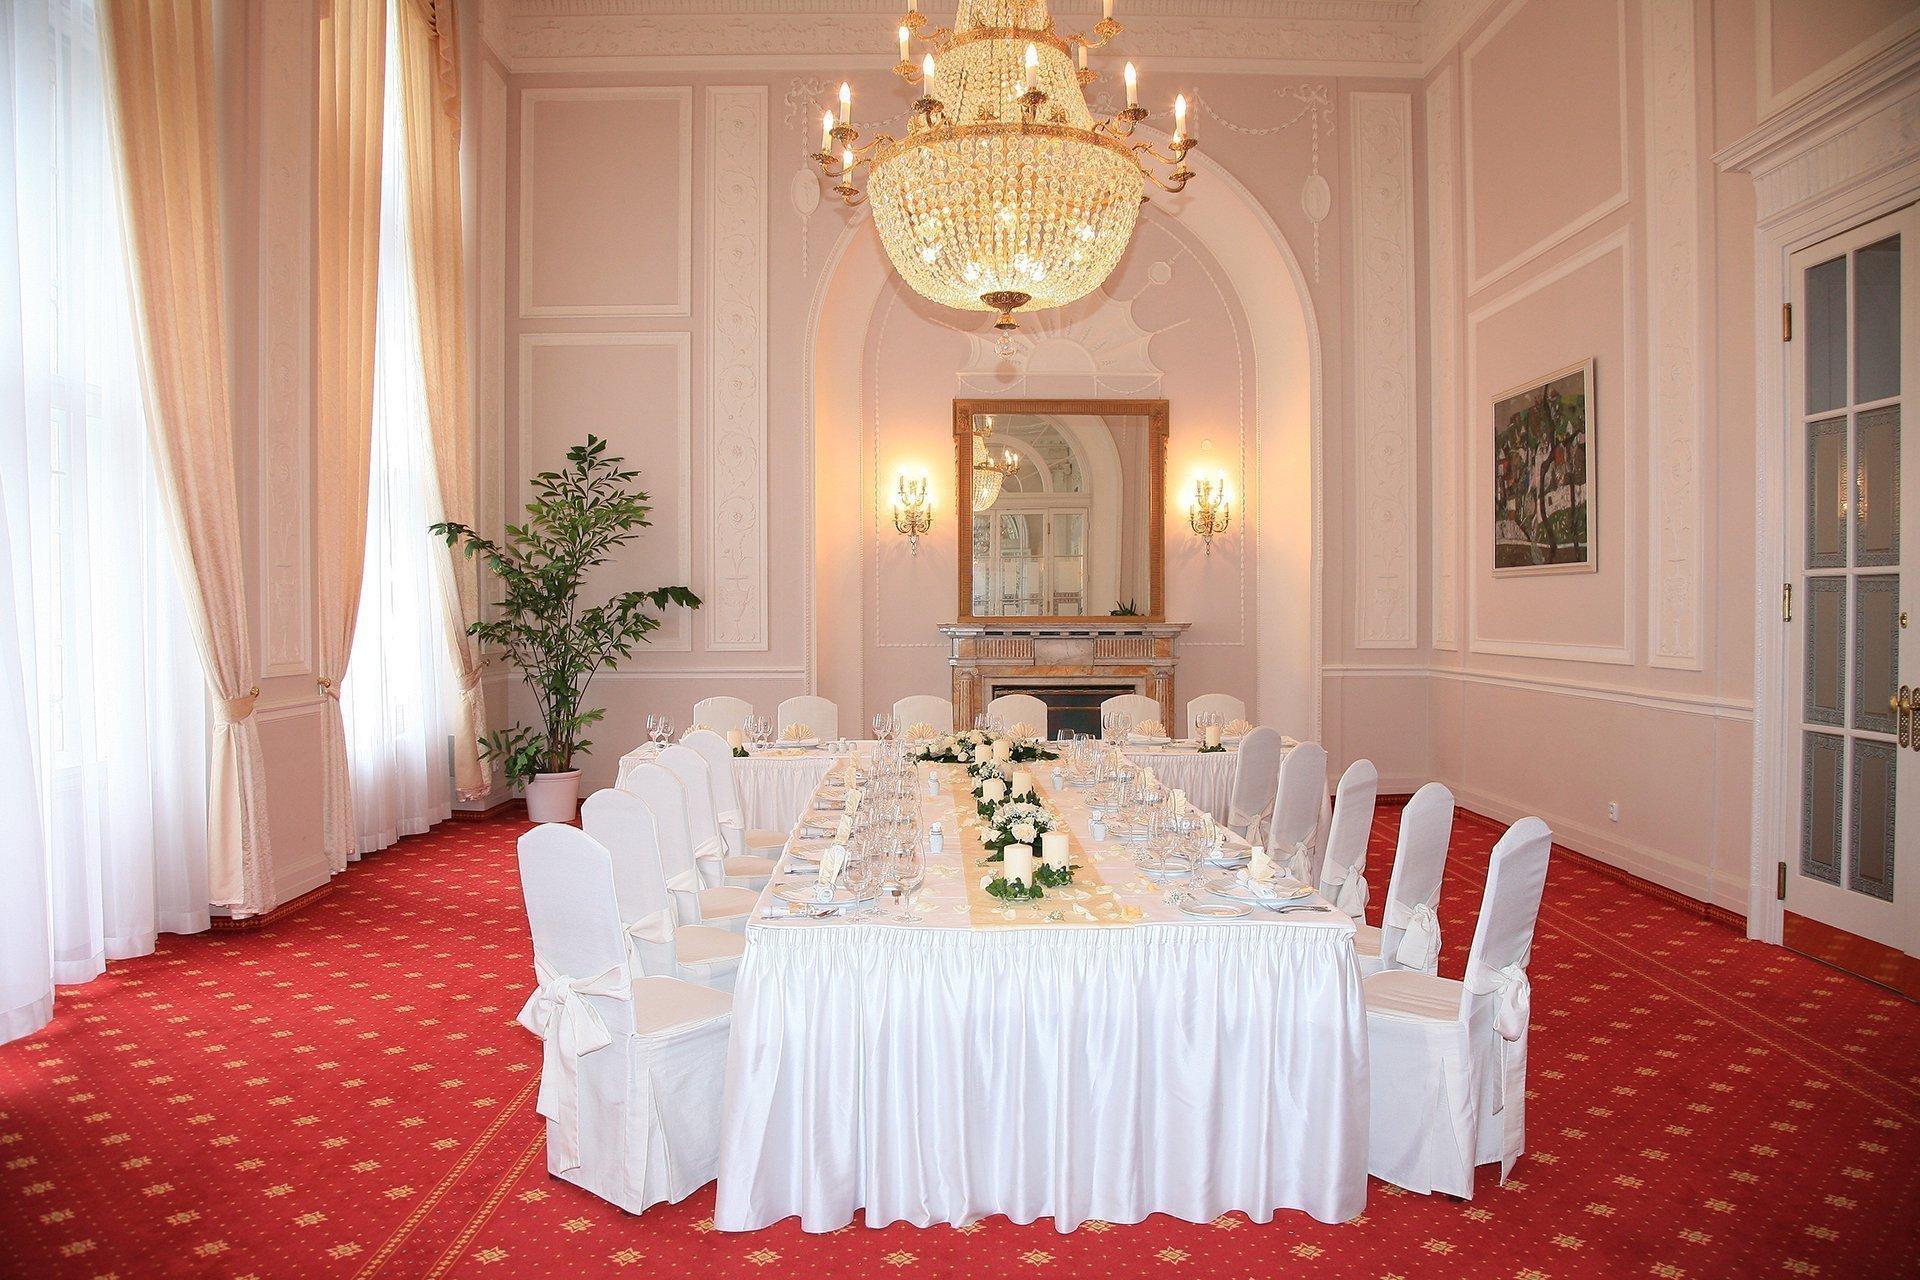 Svatební hostina - Karlovy Vary, Hotel Imperial